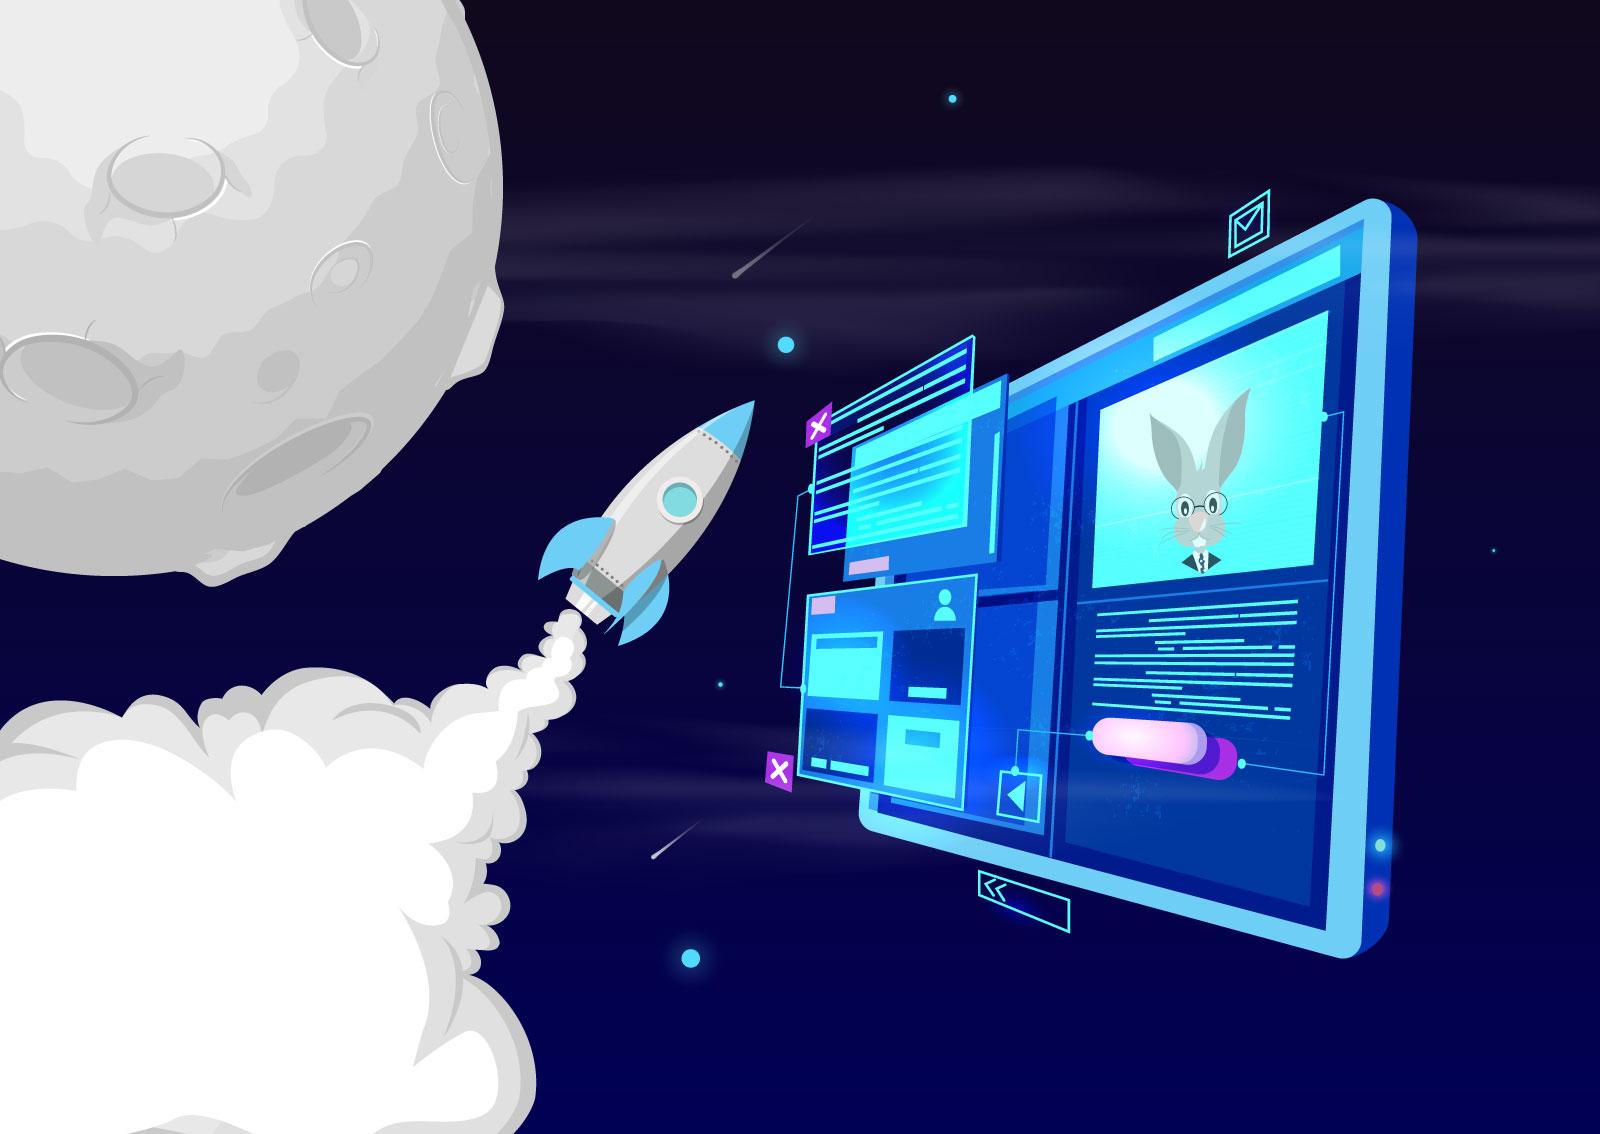 Ilustracija rakete koja leti ka mesecu, a prati je web sajt na kojem se nalazi slika zeca.